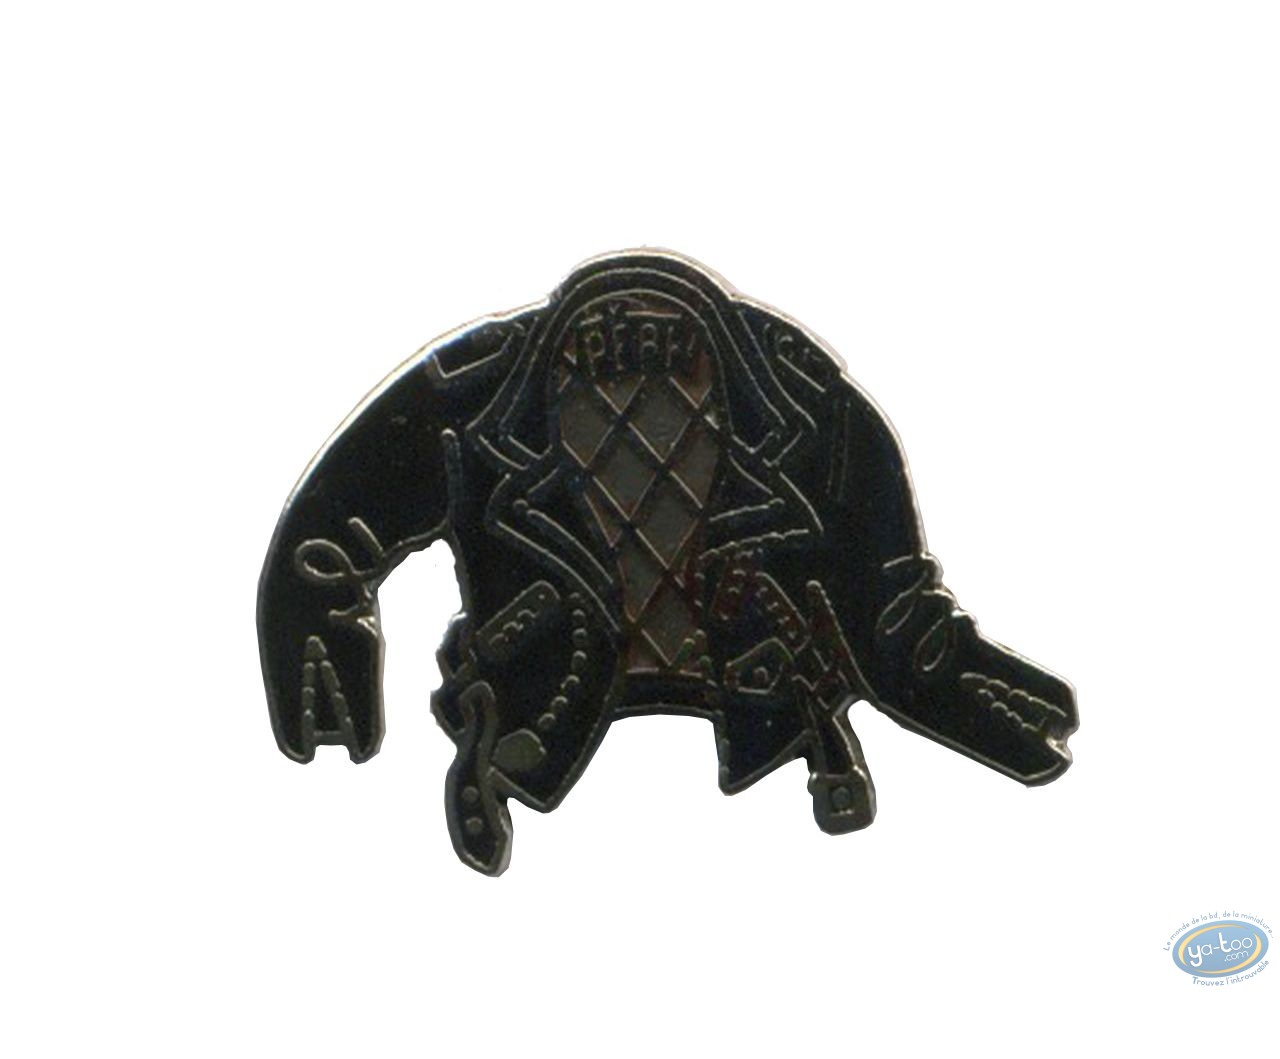 Pin's, Perfecto noir (petit modèle)